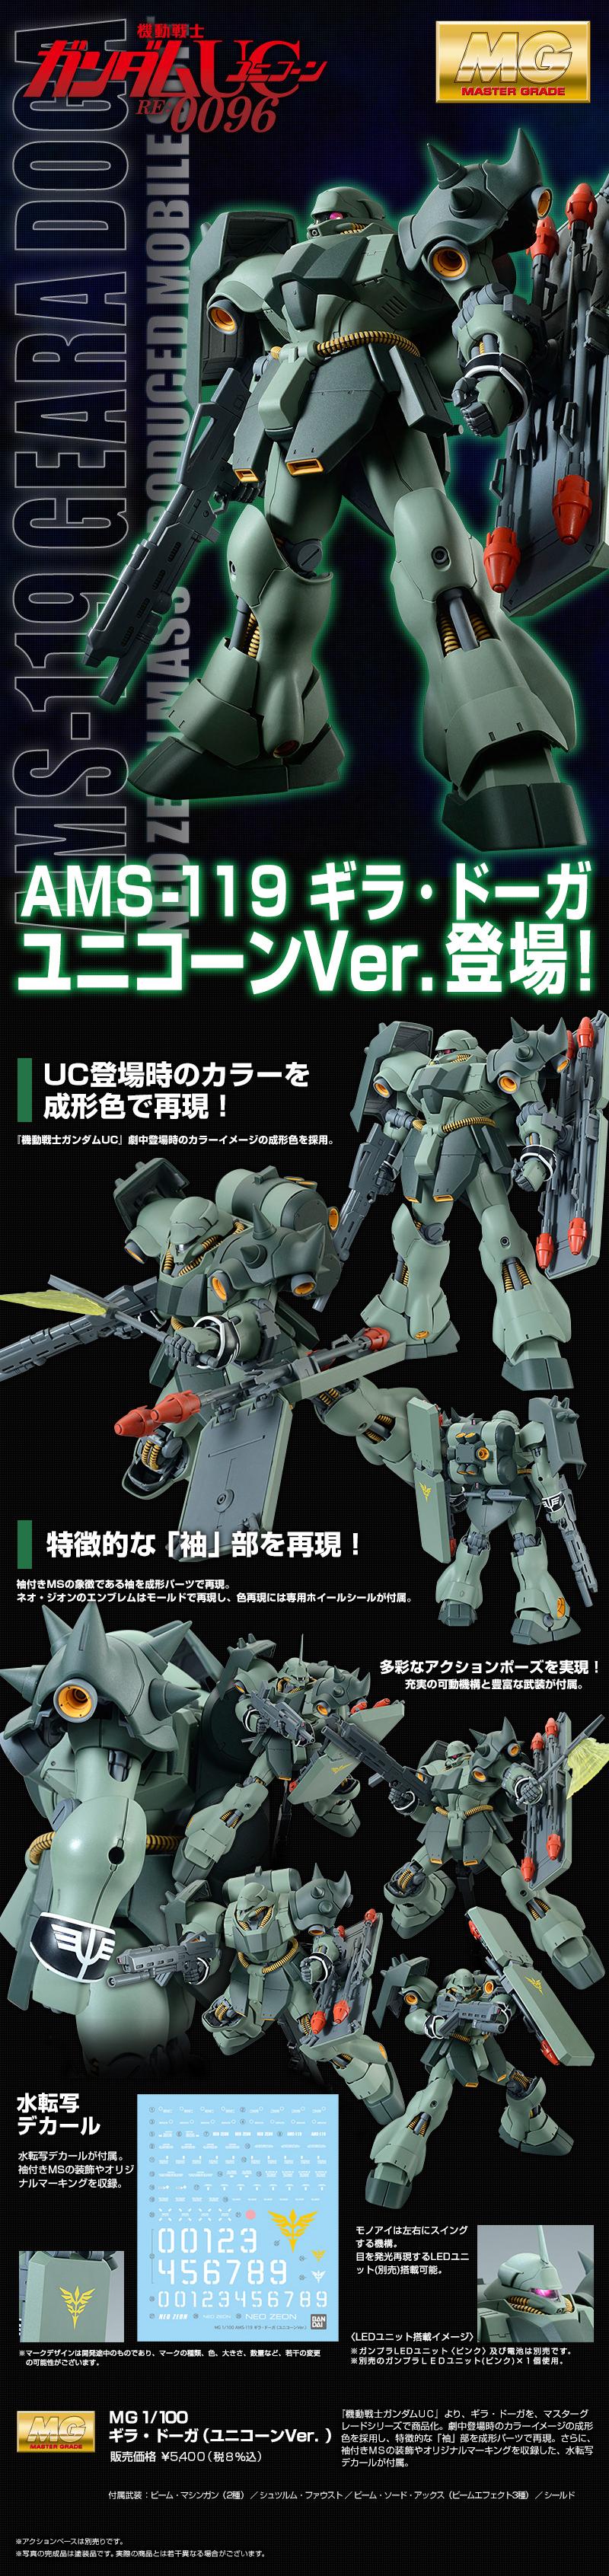 MG 1/100 ギラ・ドーガ(ユニコーンVer.) 公式商品説明(画像)